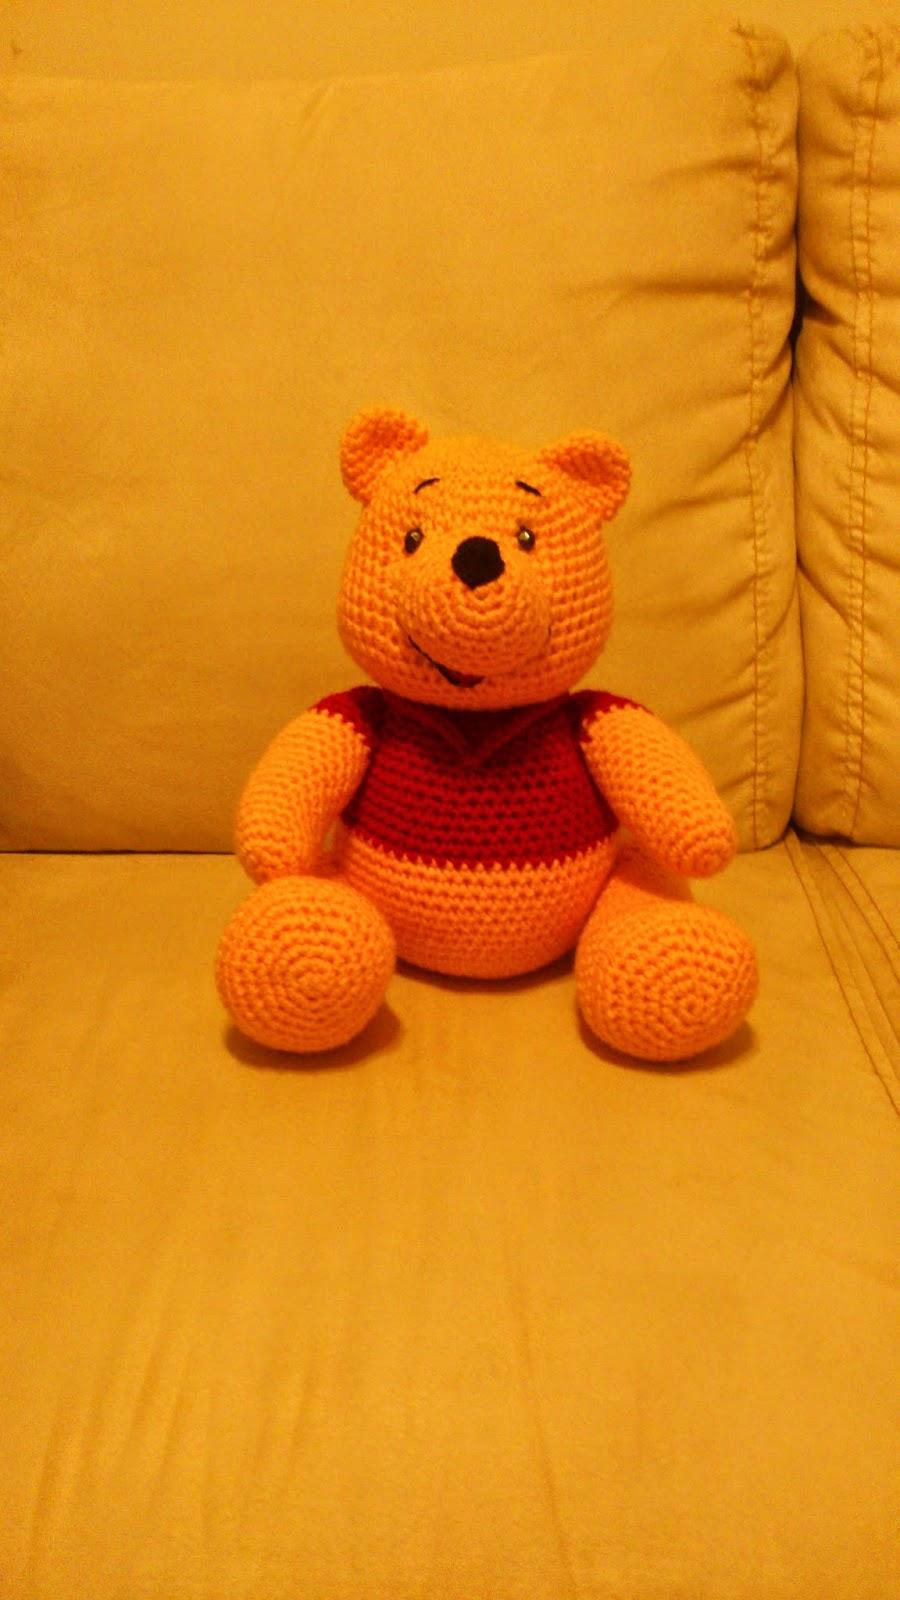 Amigurumi Winnie the Pooh - FREE Crochet Pattern / Tutorial in ... | 1600x900